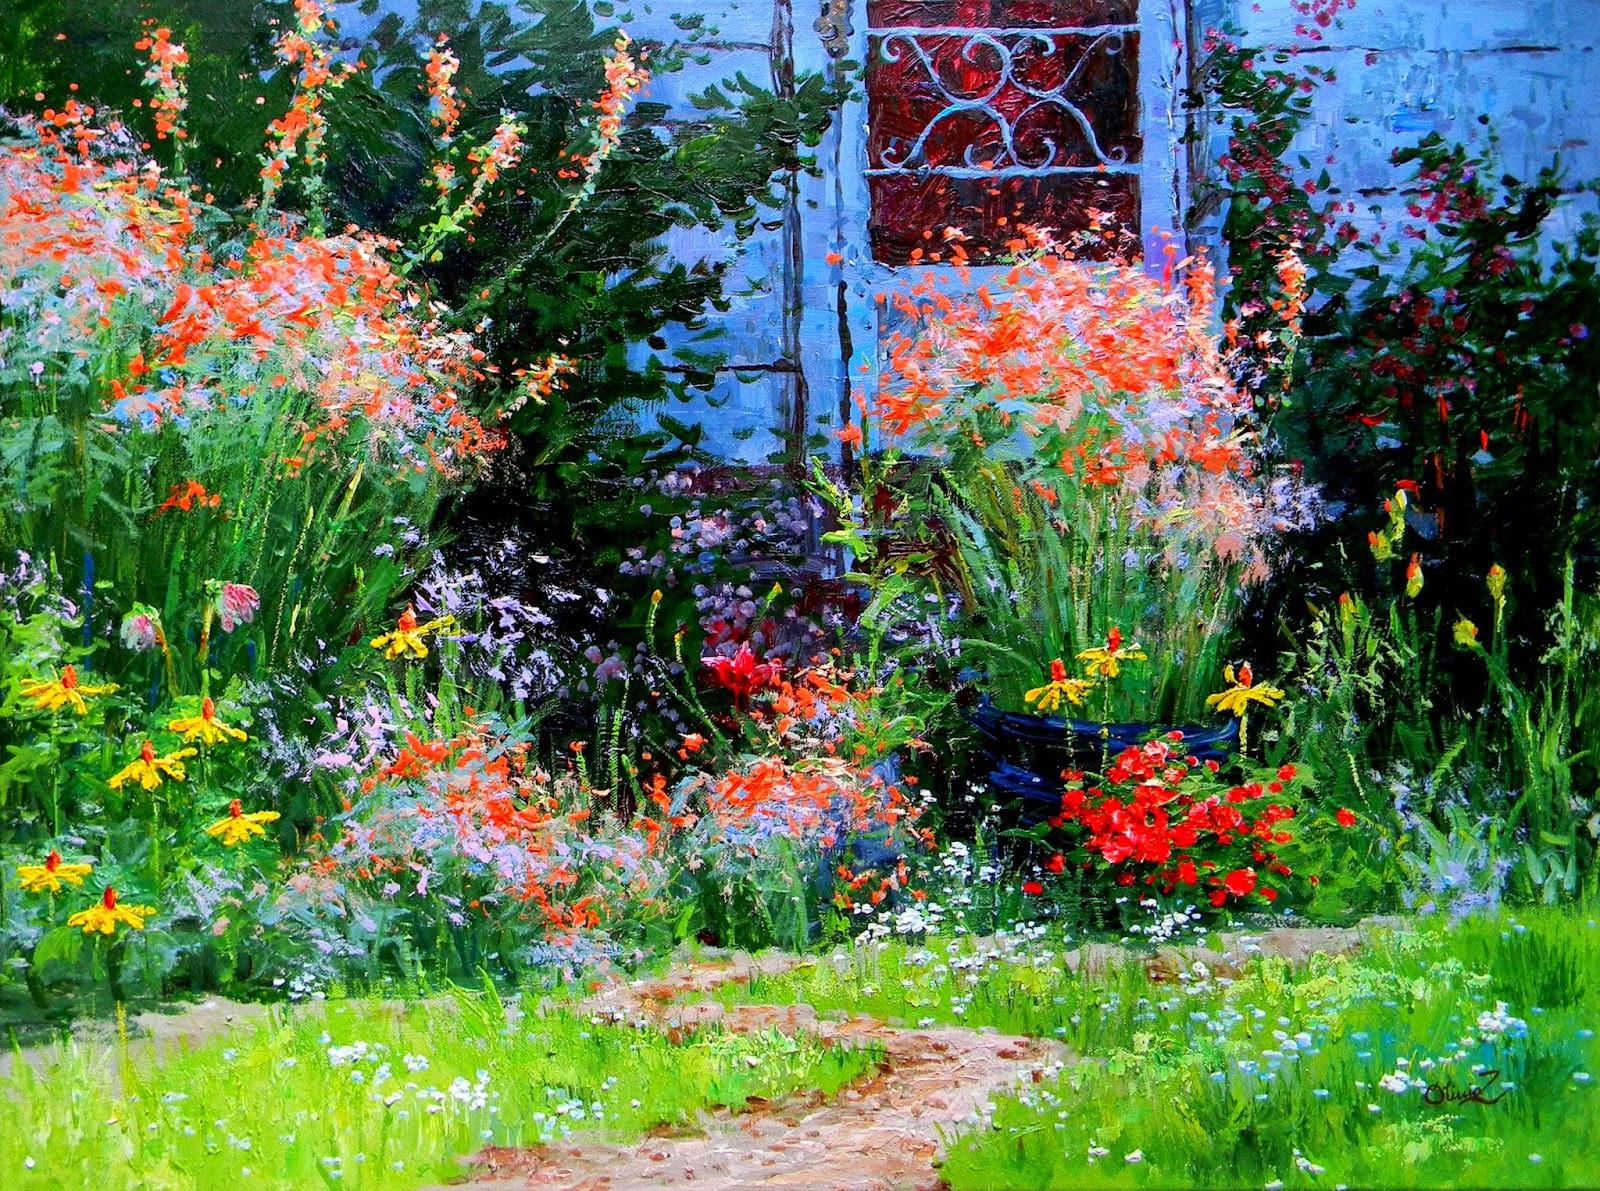 Backyard at Dusk